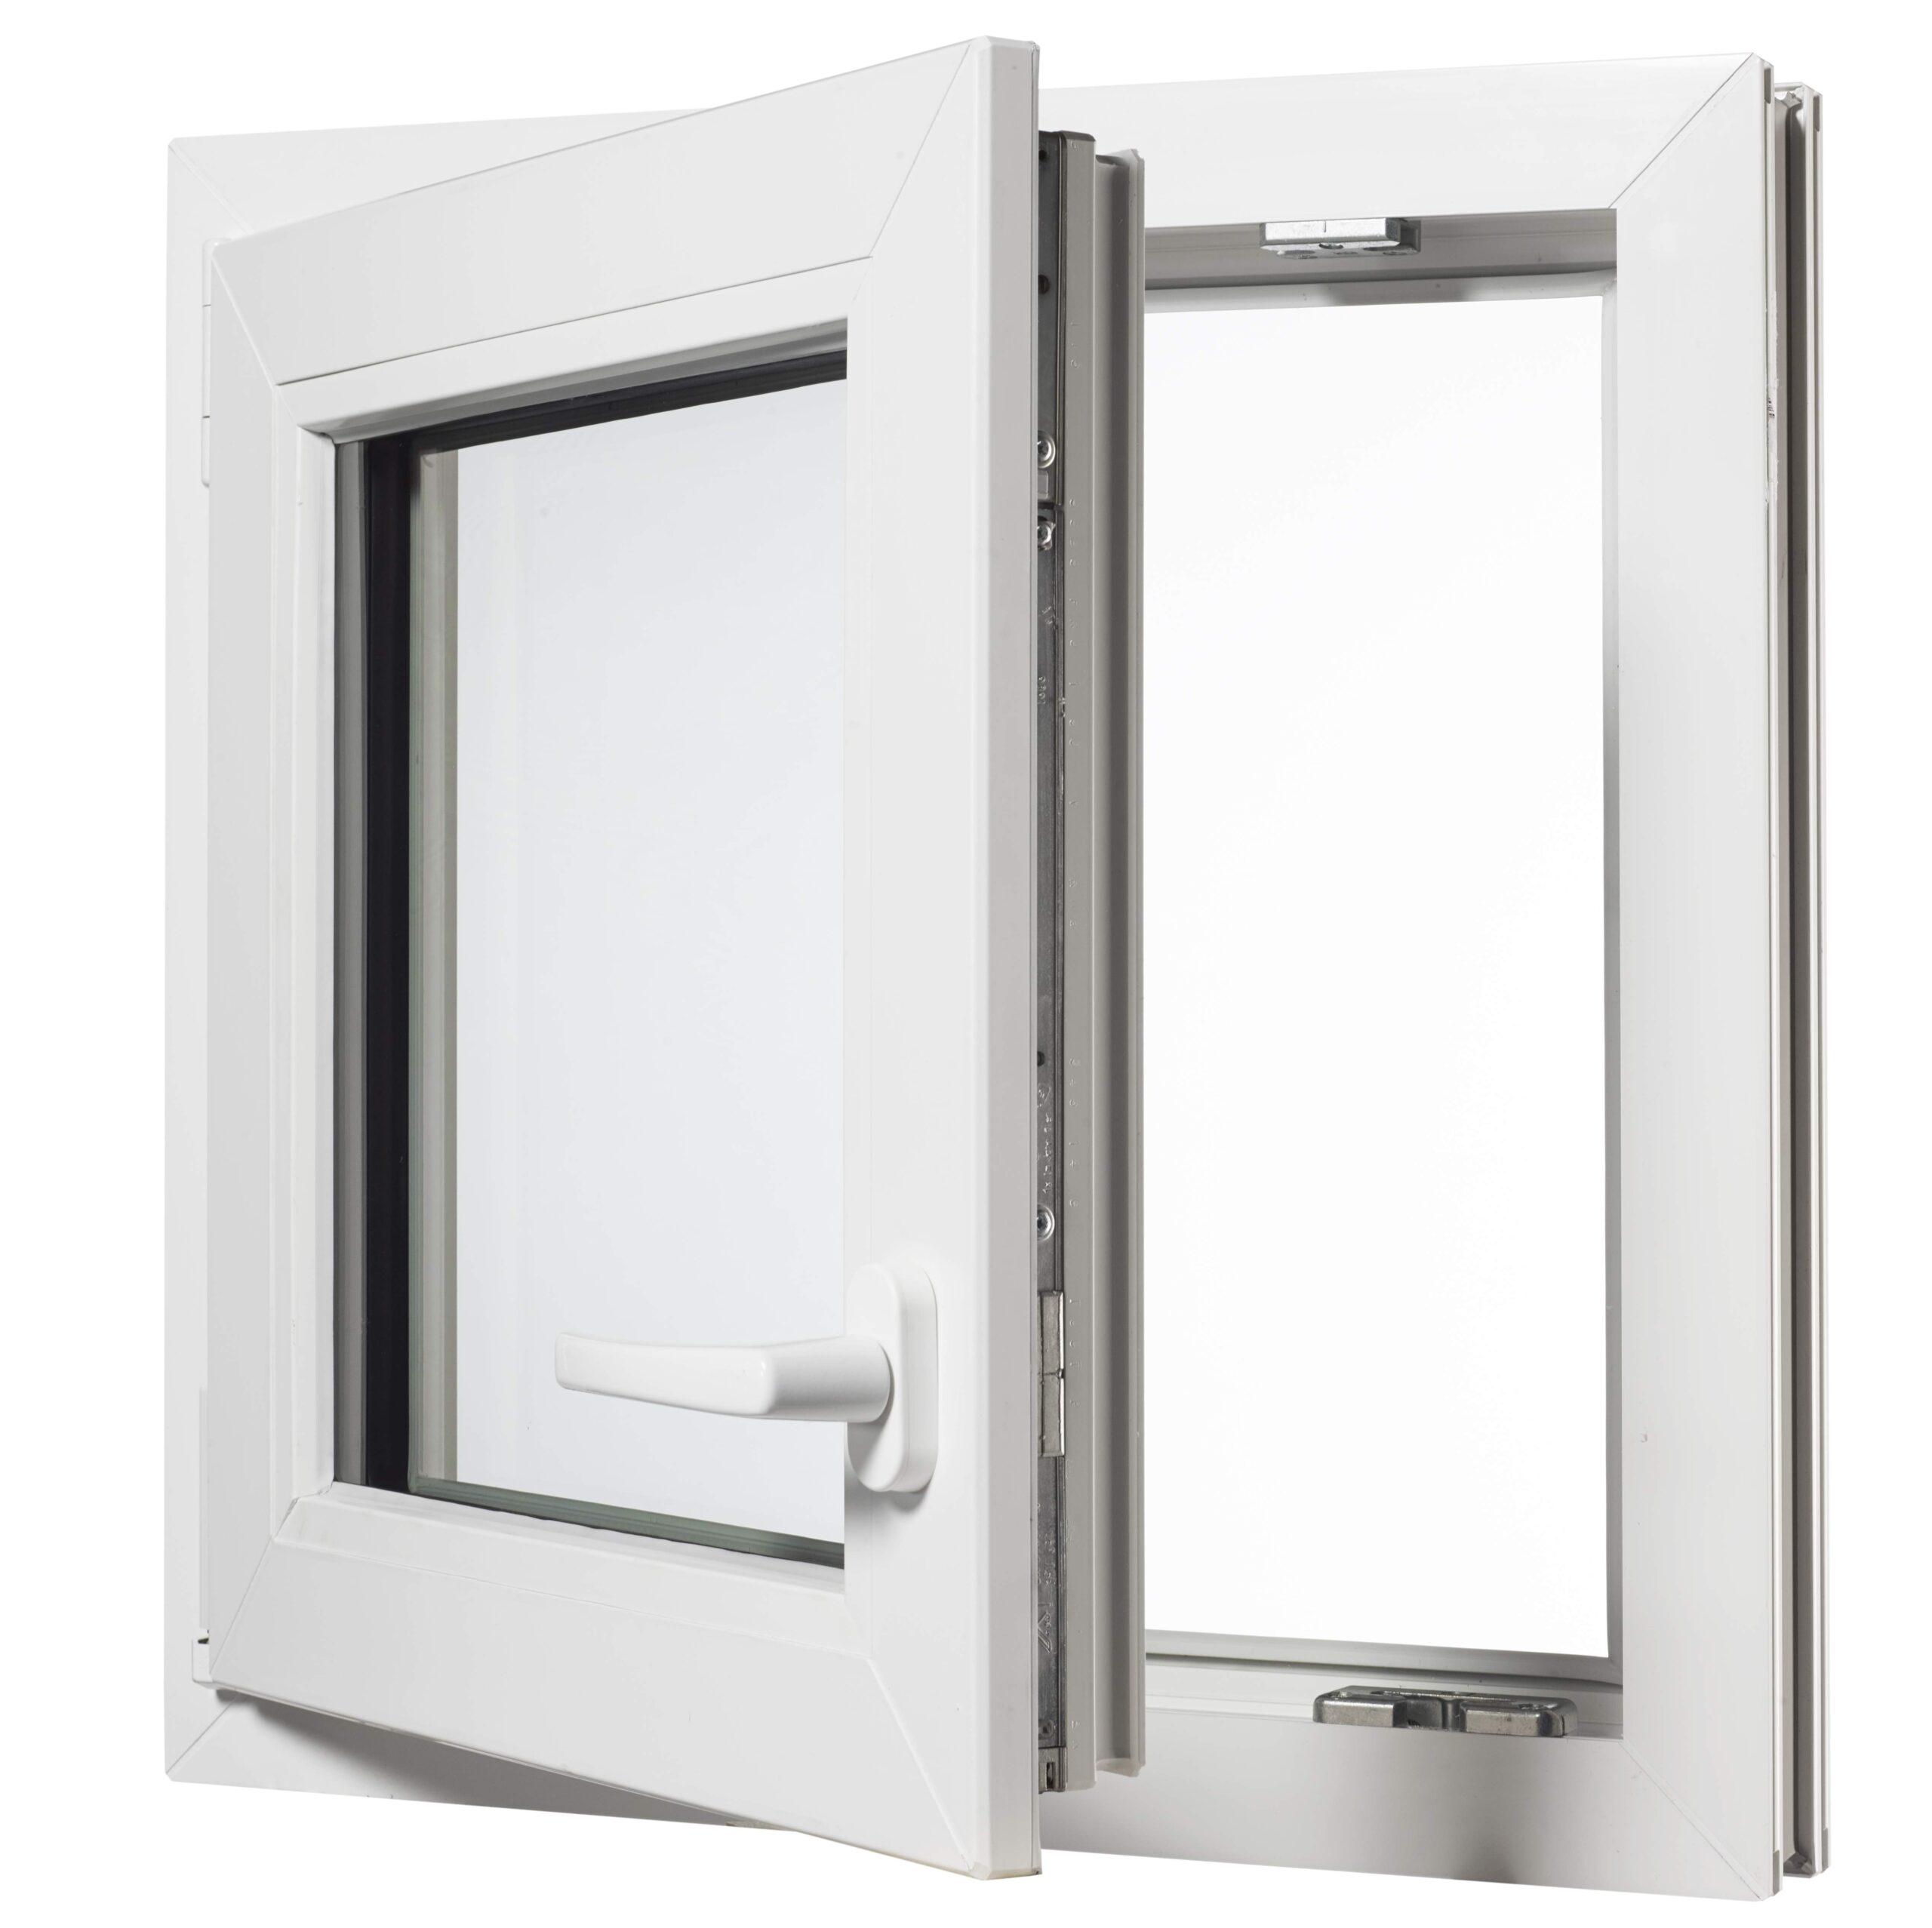 Full Size of Fenster Abdichten Und Fensterdichtungen Erneuern Obi Kosten Bad Wohnzimmer Fensterfugen Erneuern